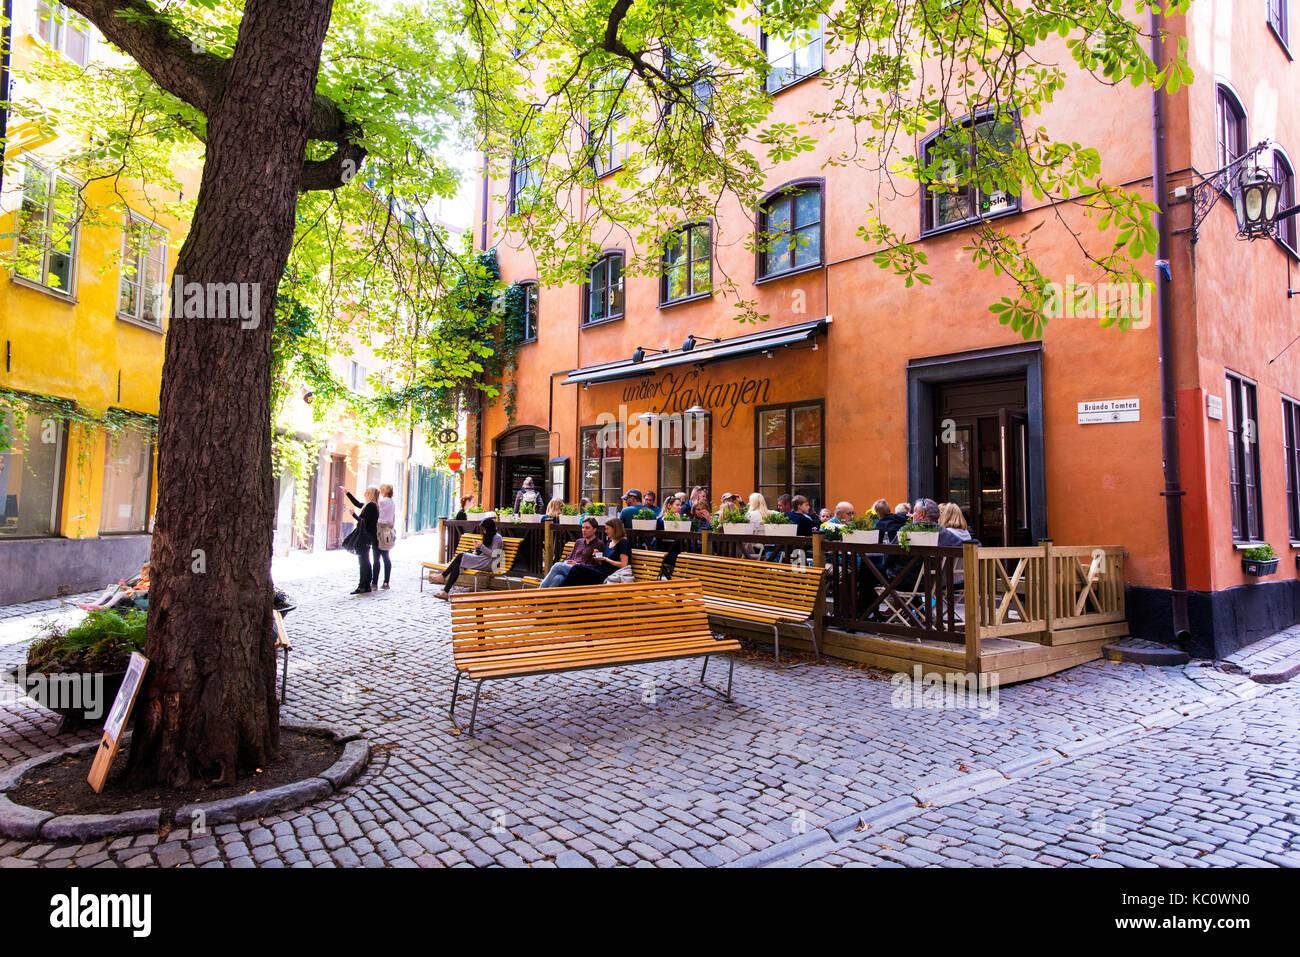 La pequeña plaza pública Brända Tomten, en Gamla Stan, Estocolmo, Suecia Imagen De Stock